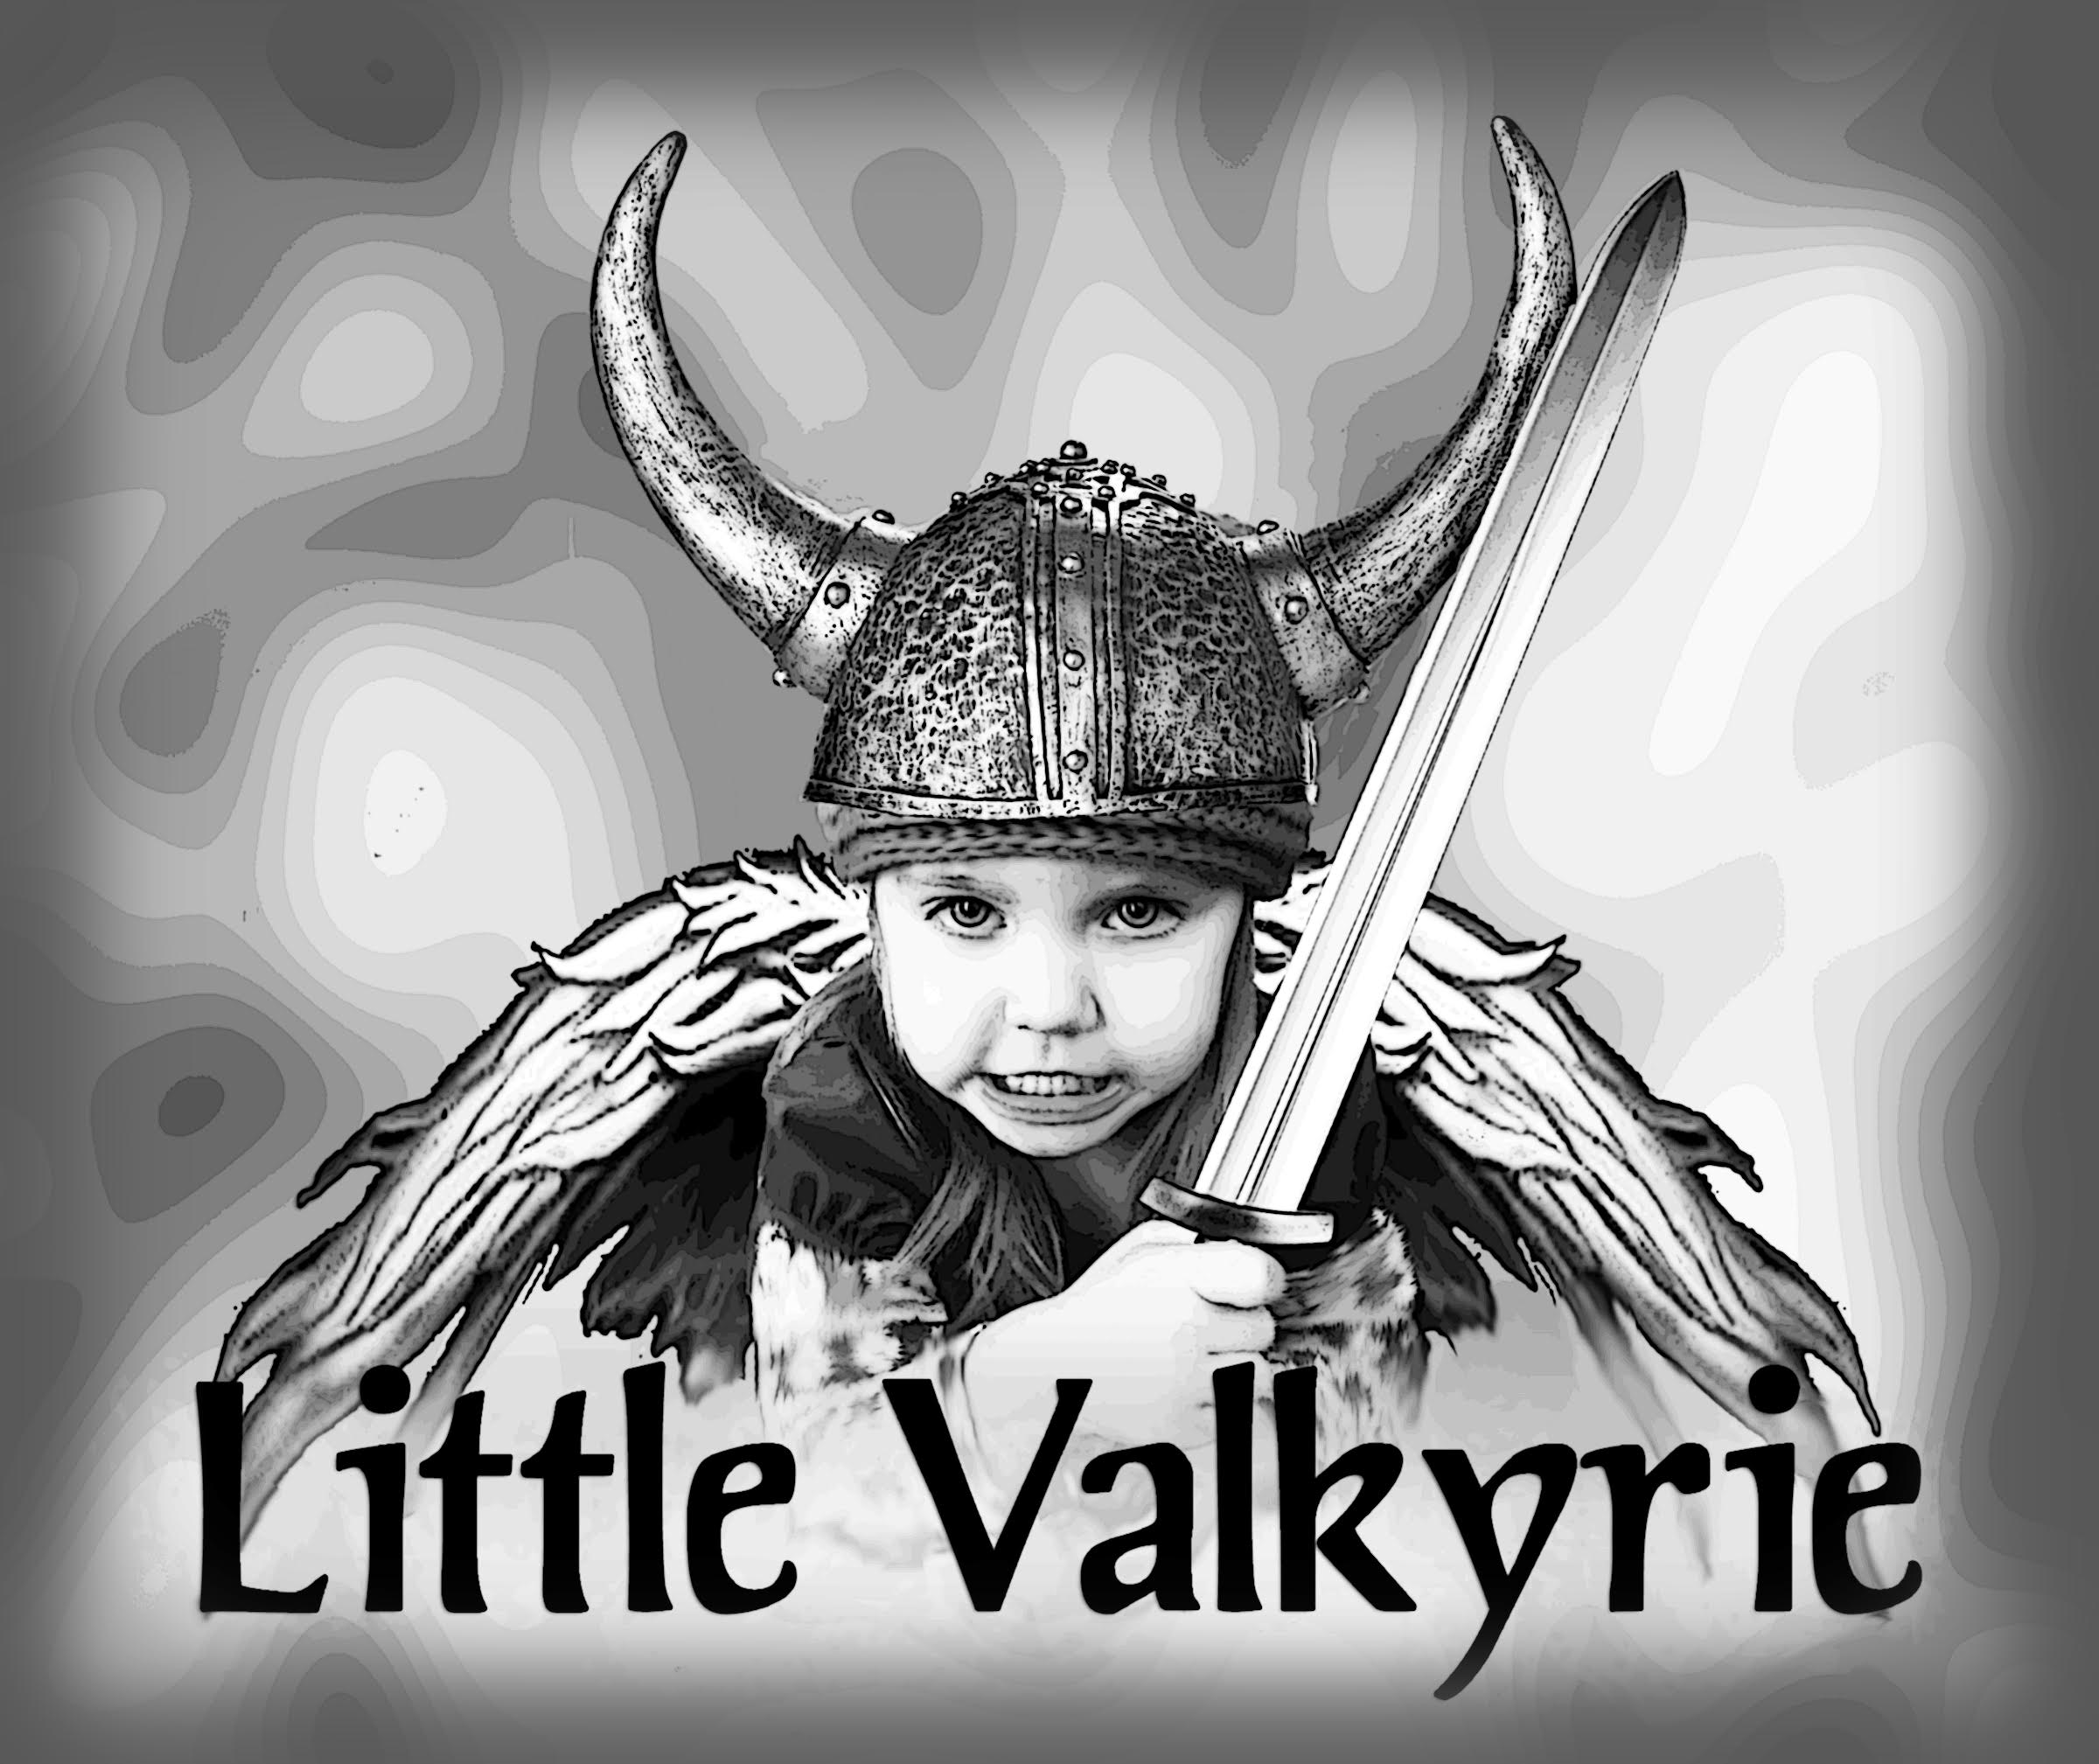 Little Valkyrie Designs